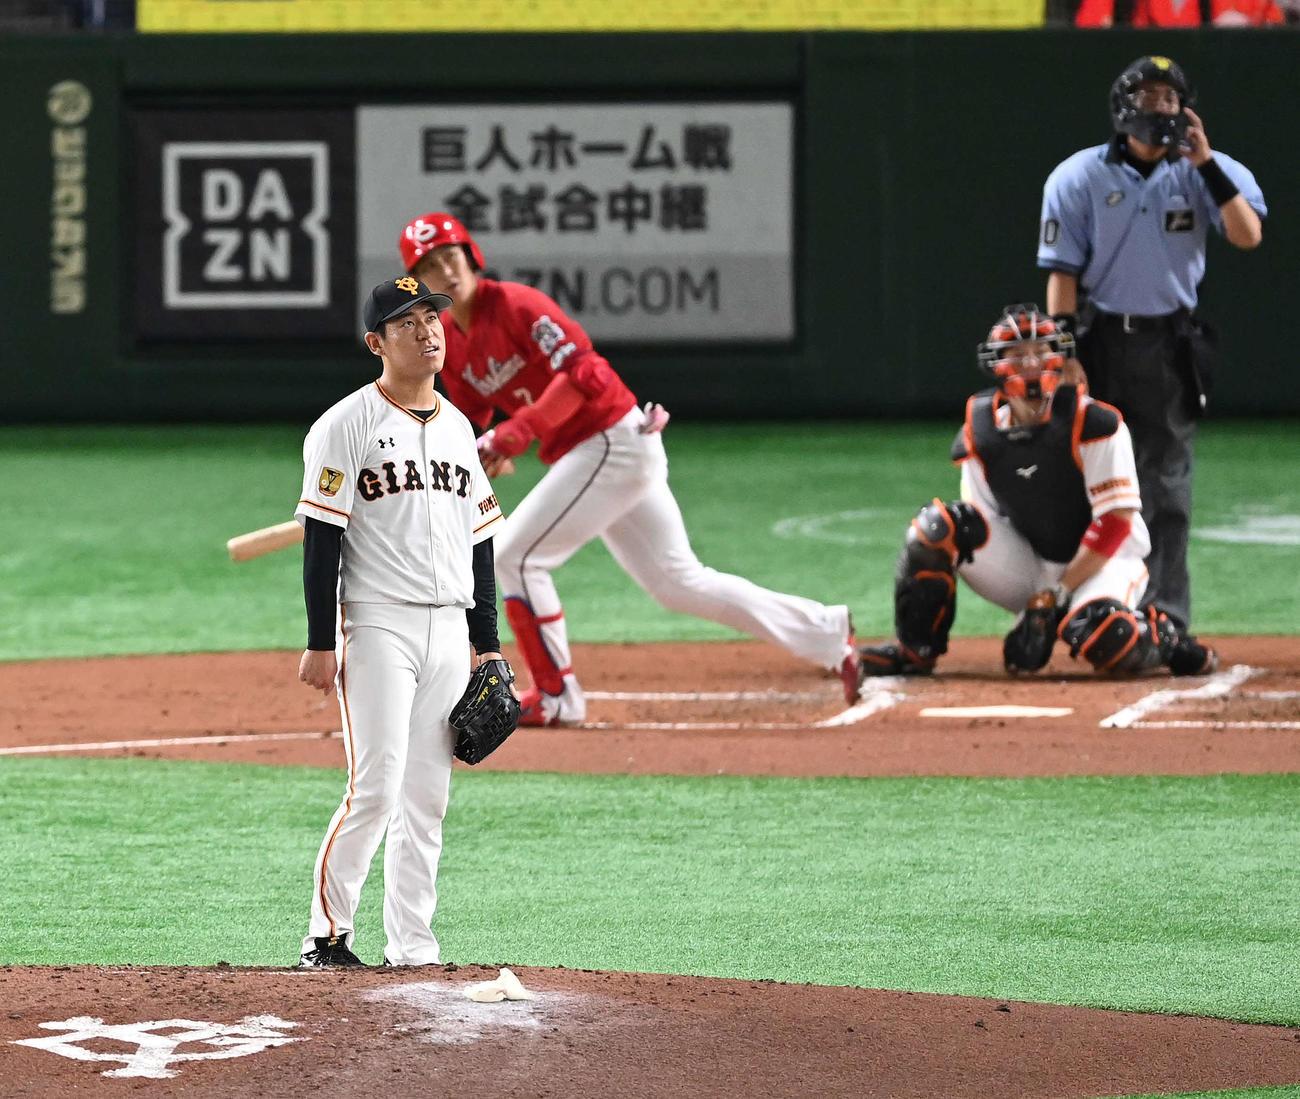 巨人対広島 2回表広島2死二塁、堂林に先制の左越え2点本塁打を浴びる桜井(撮影・鈴木みどり)